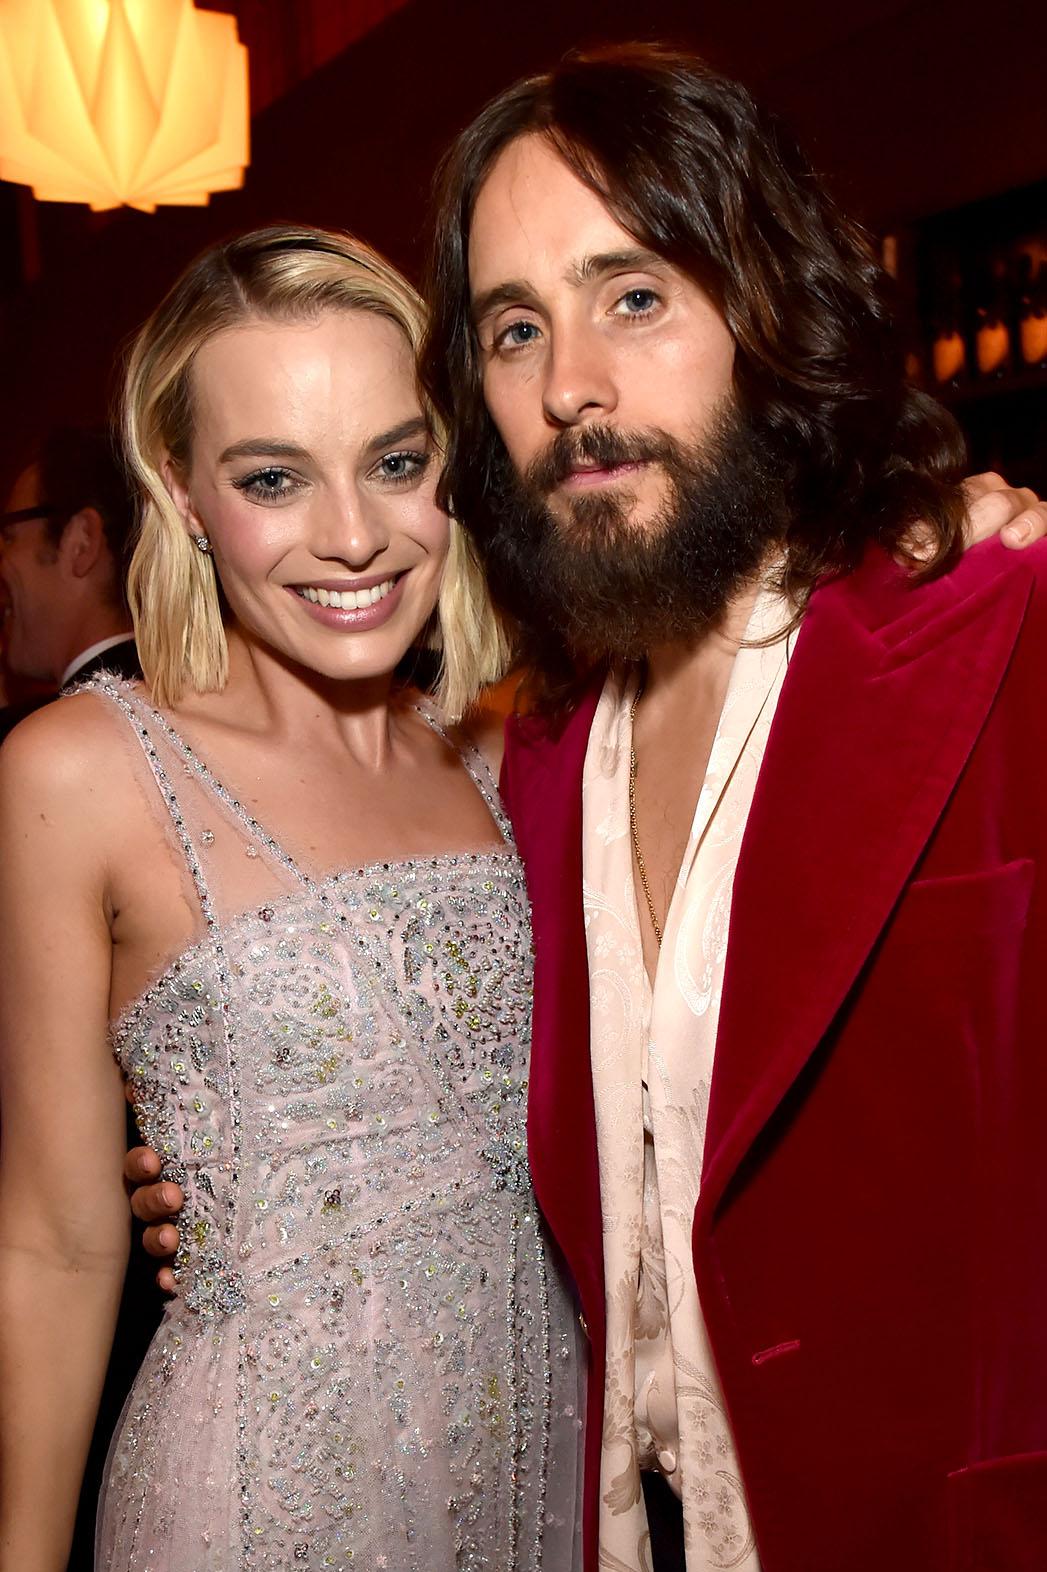 Régóta vártuk már, hogy Margot Robbie és Jared Leto újra találkozzanak